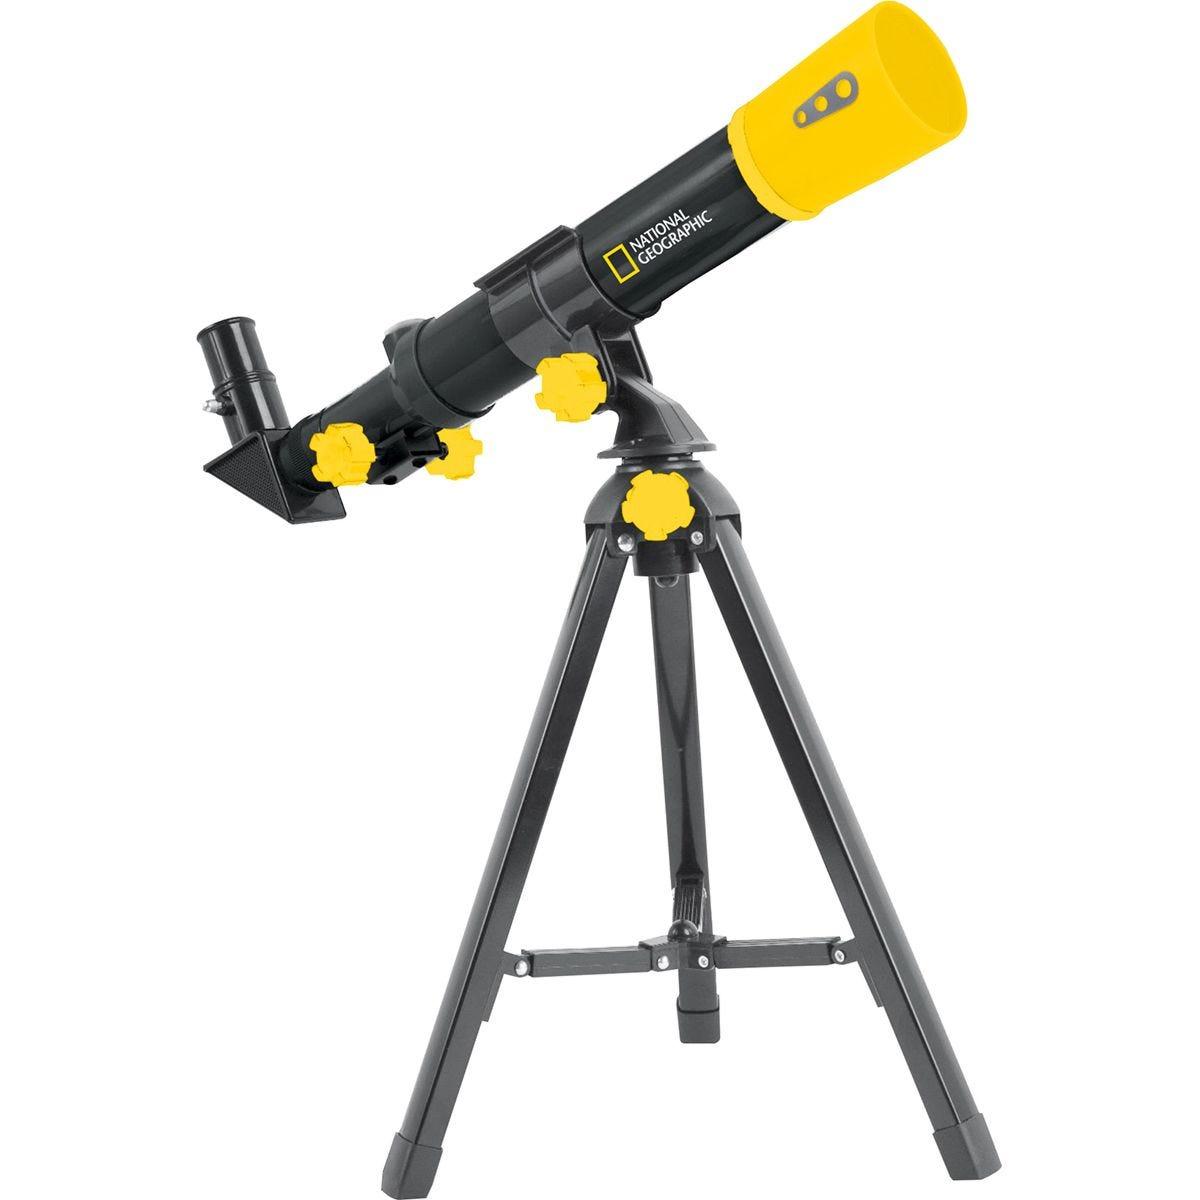 National Geographic Children's Telescope - Black/Yellow